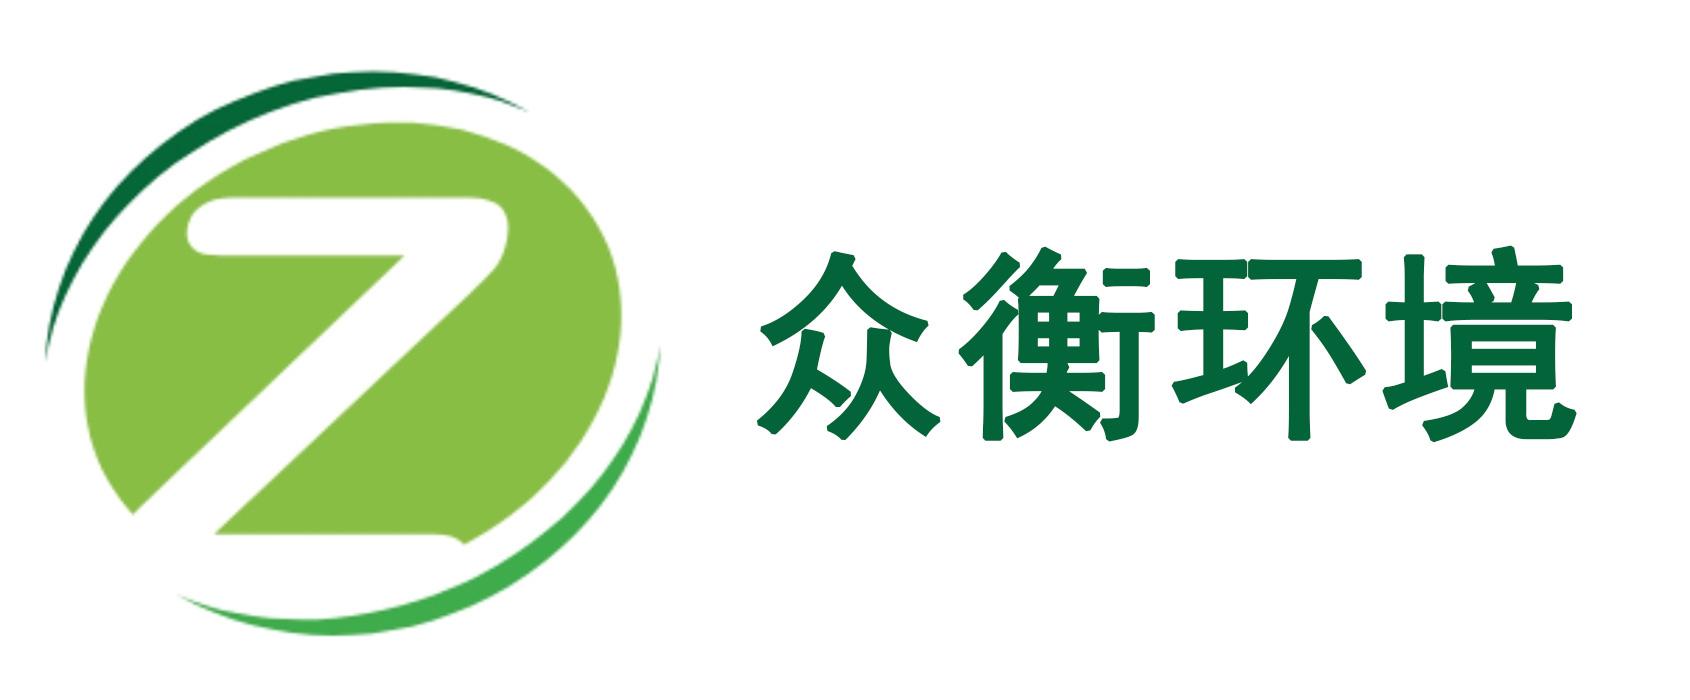 杭州众衡环境科技有限公司